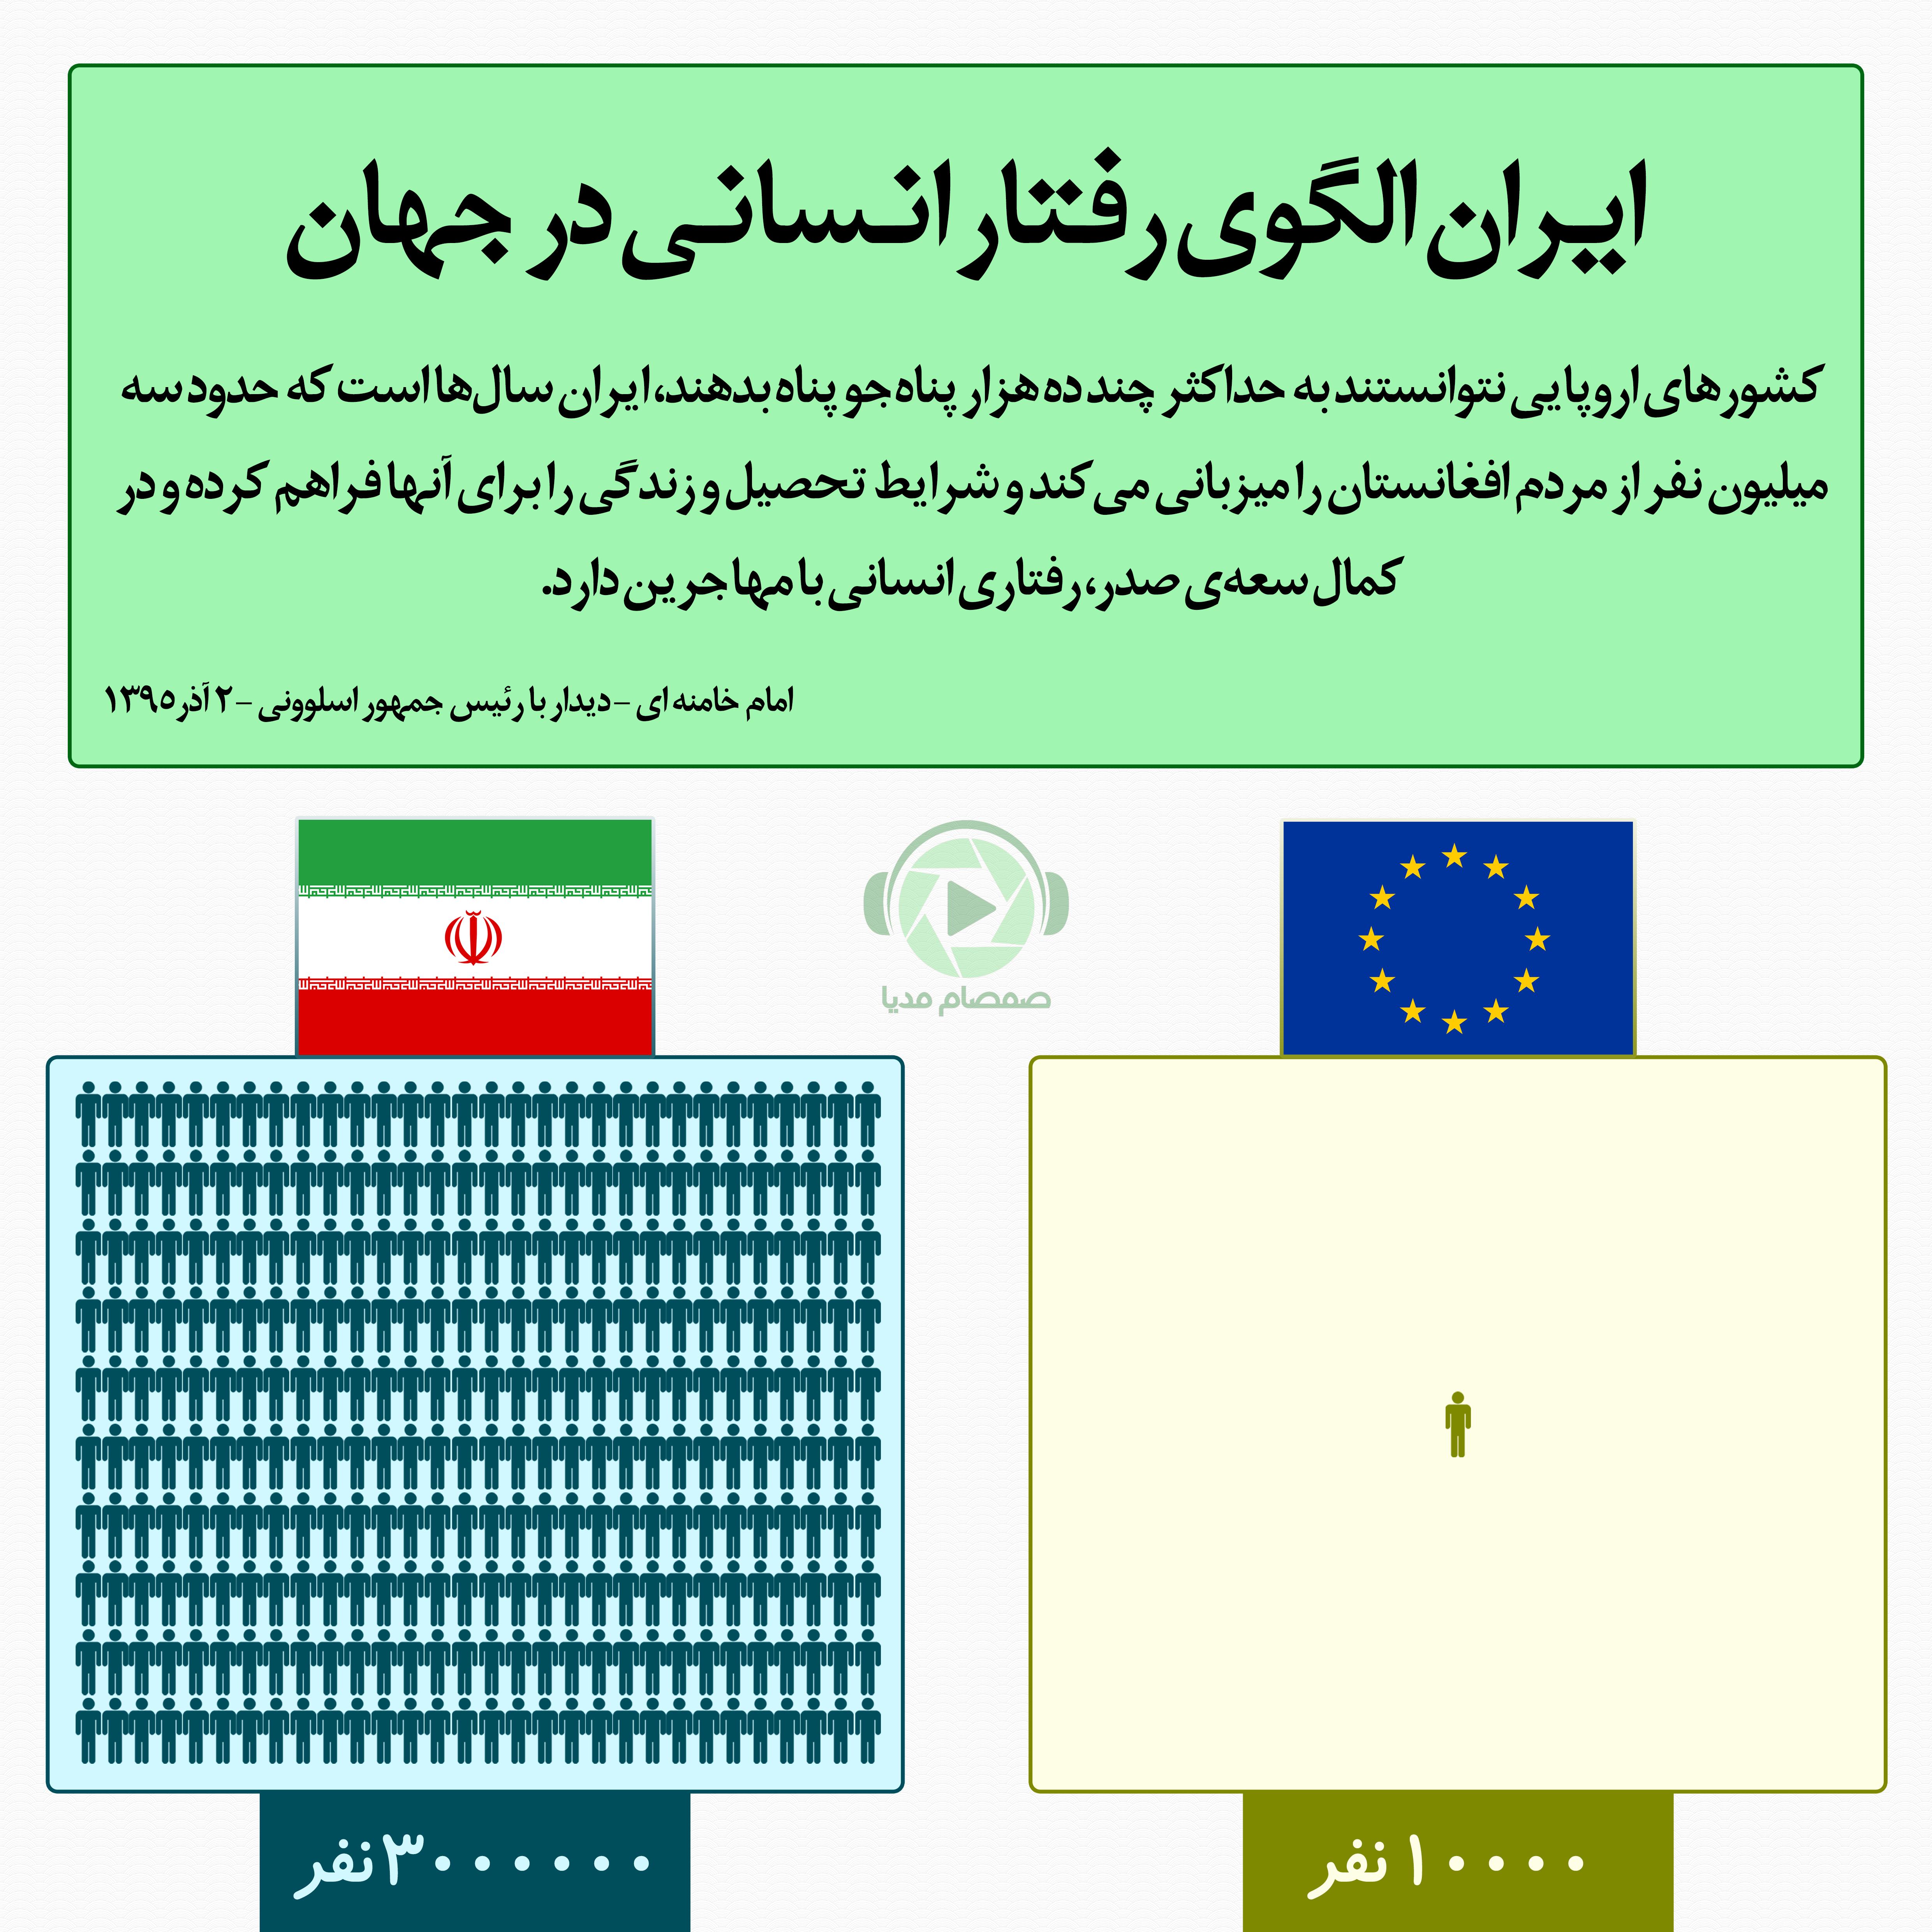 ایران الگوی رفتار انسانی در جهان